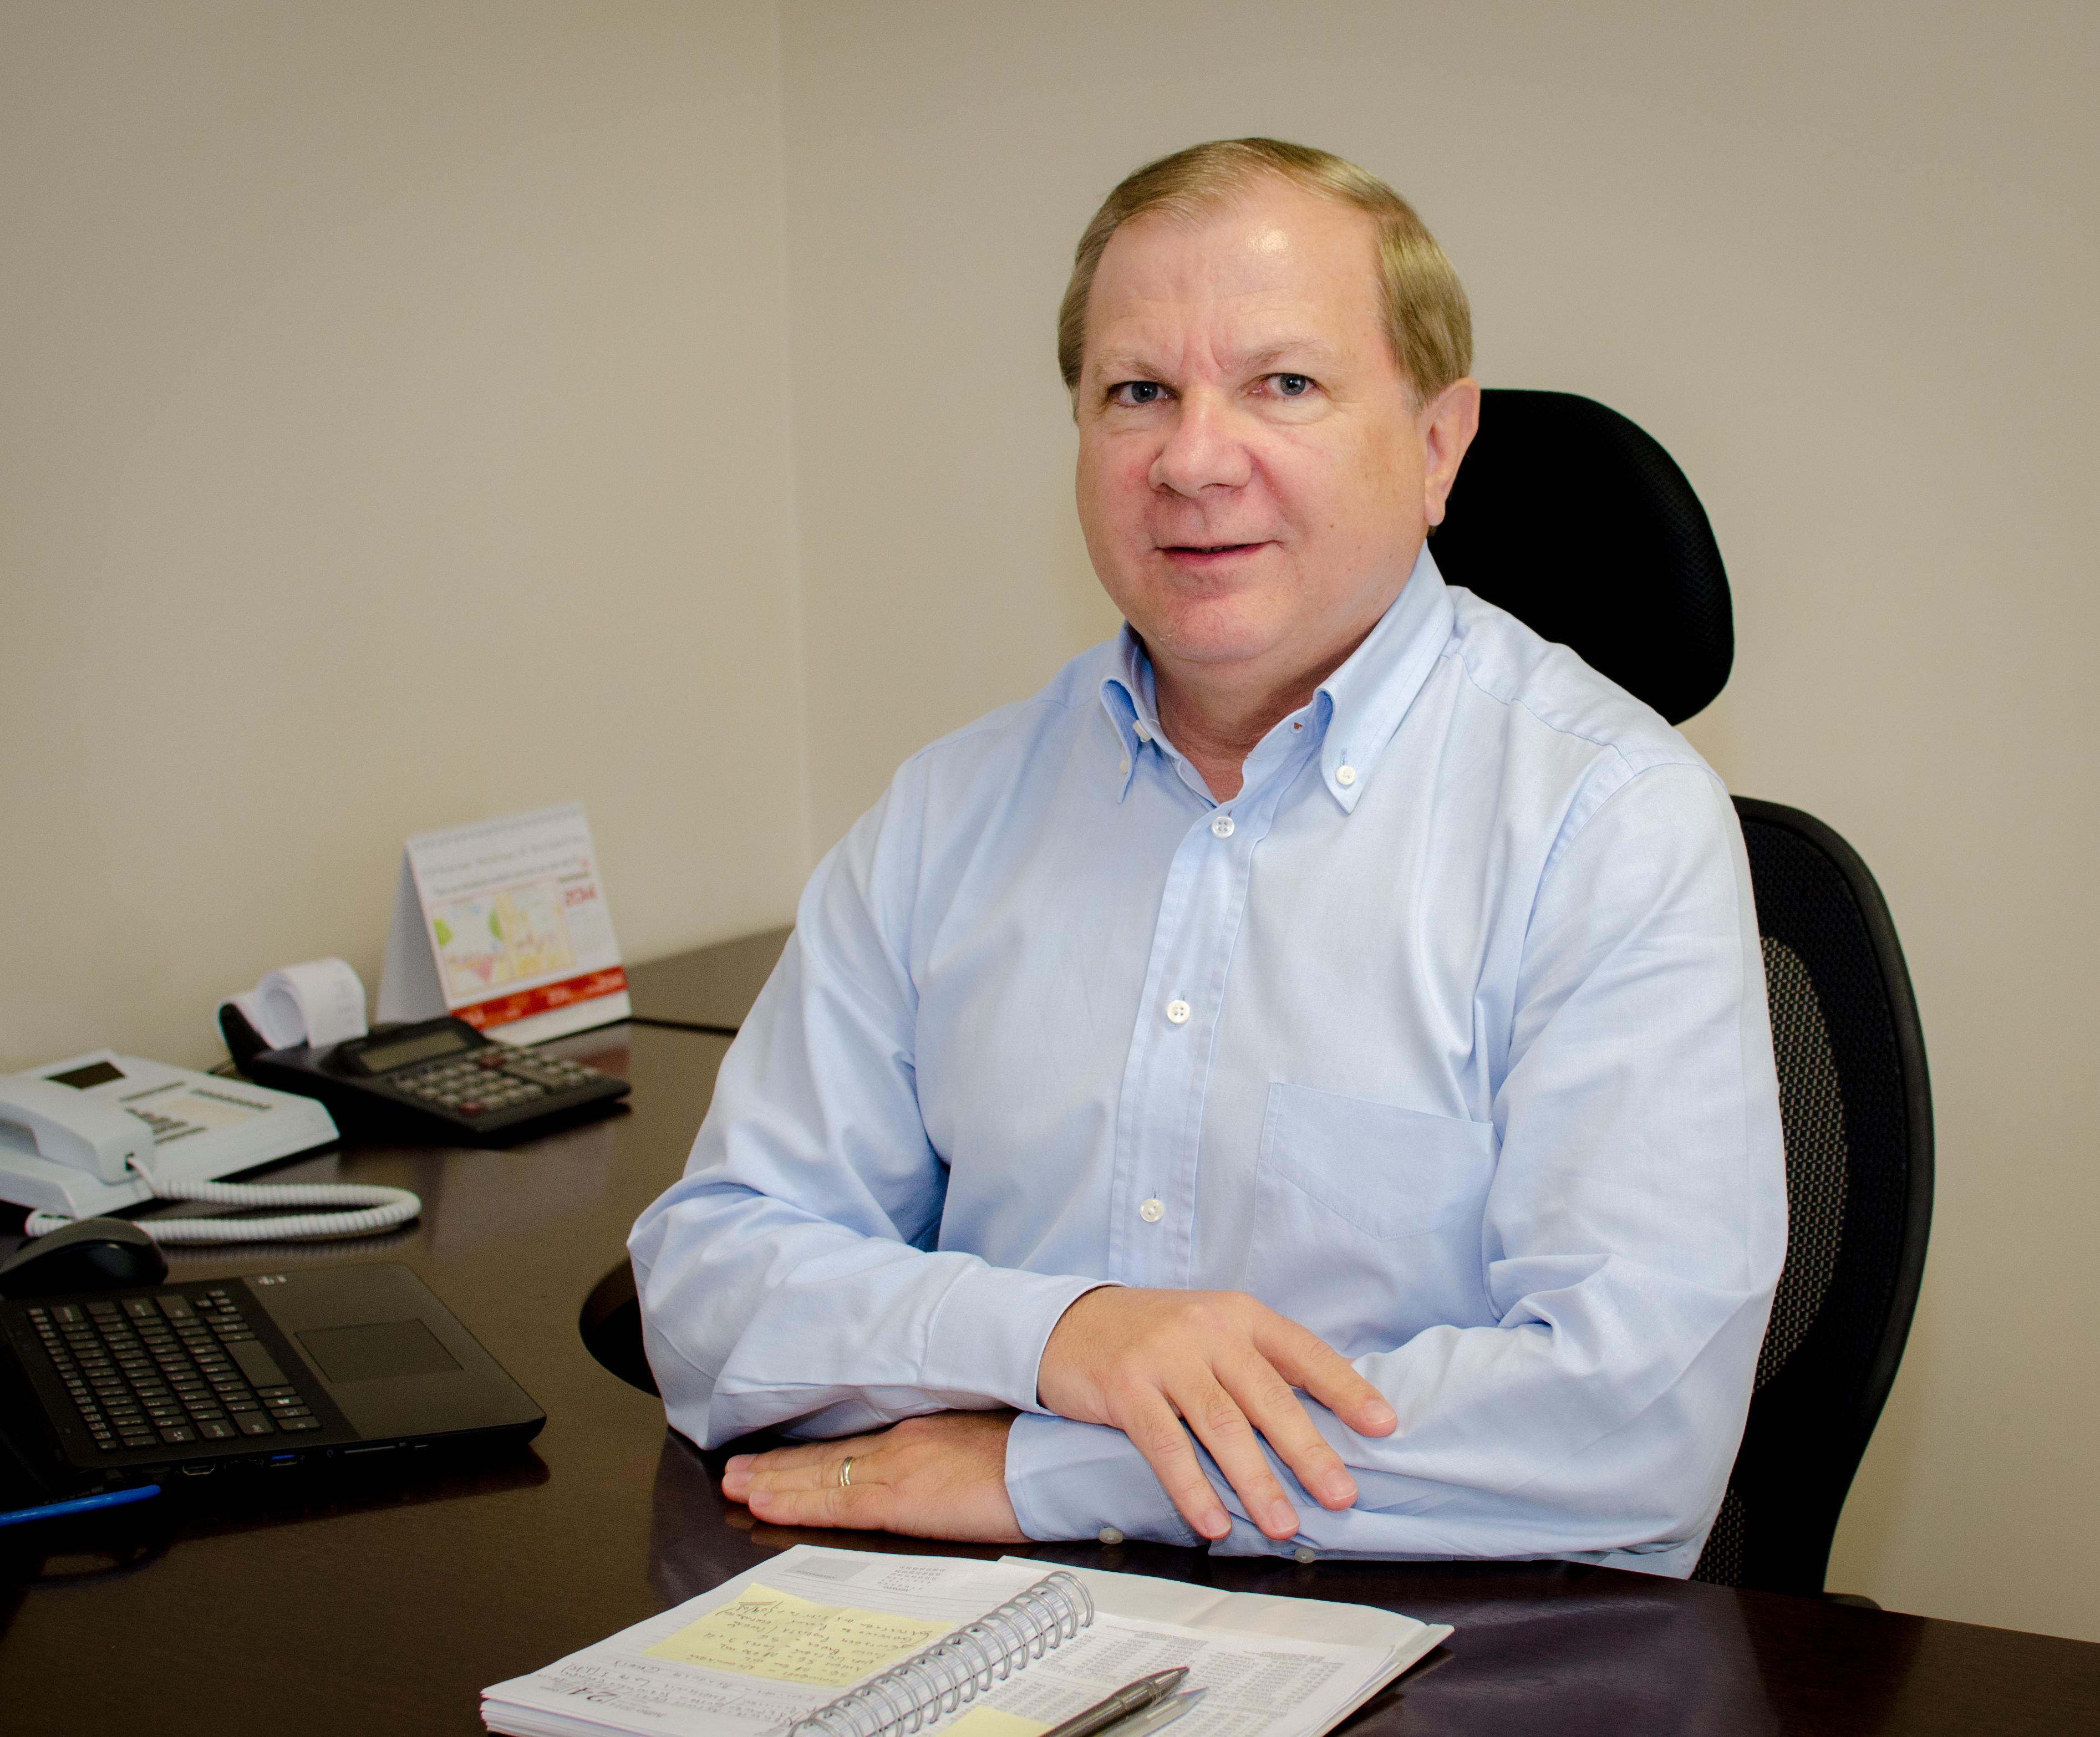 O empresário Carlos Humberto de Souza é o diretor-presidente da Risotolândia. Souza está na empresa há 35 anos. Foto: divulgação.